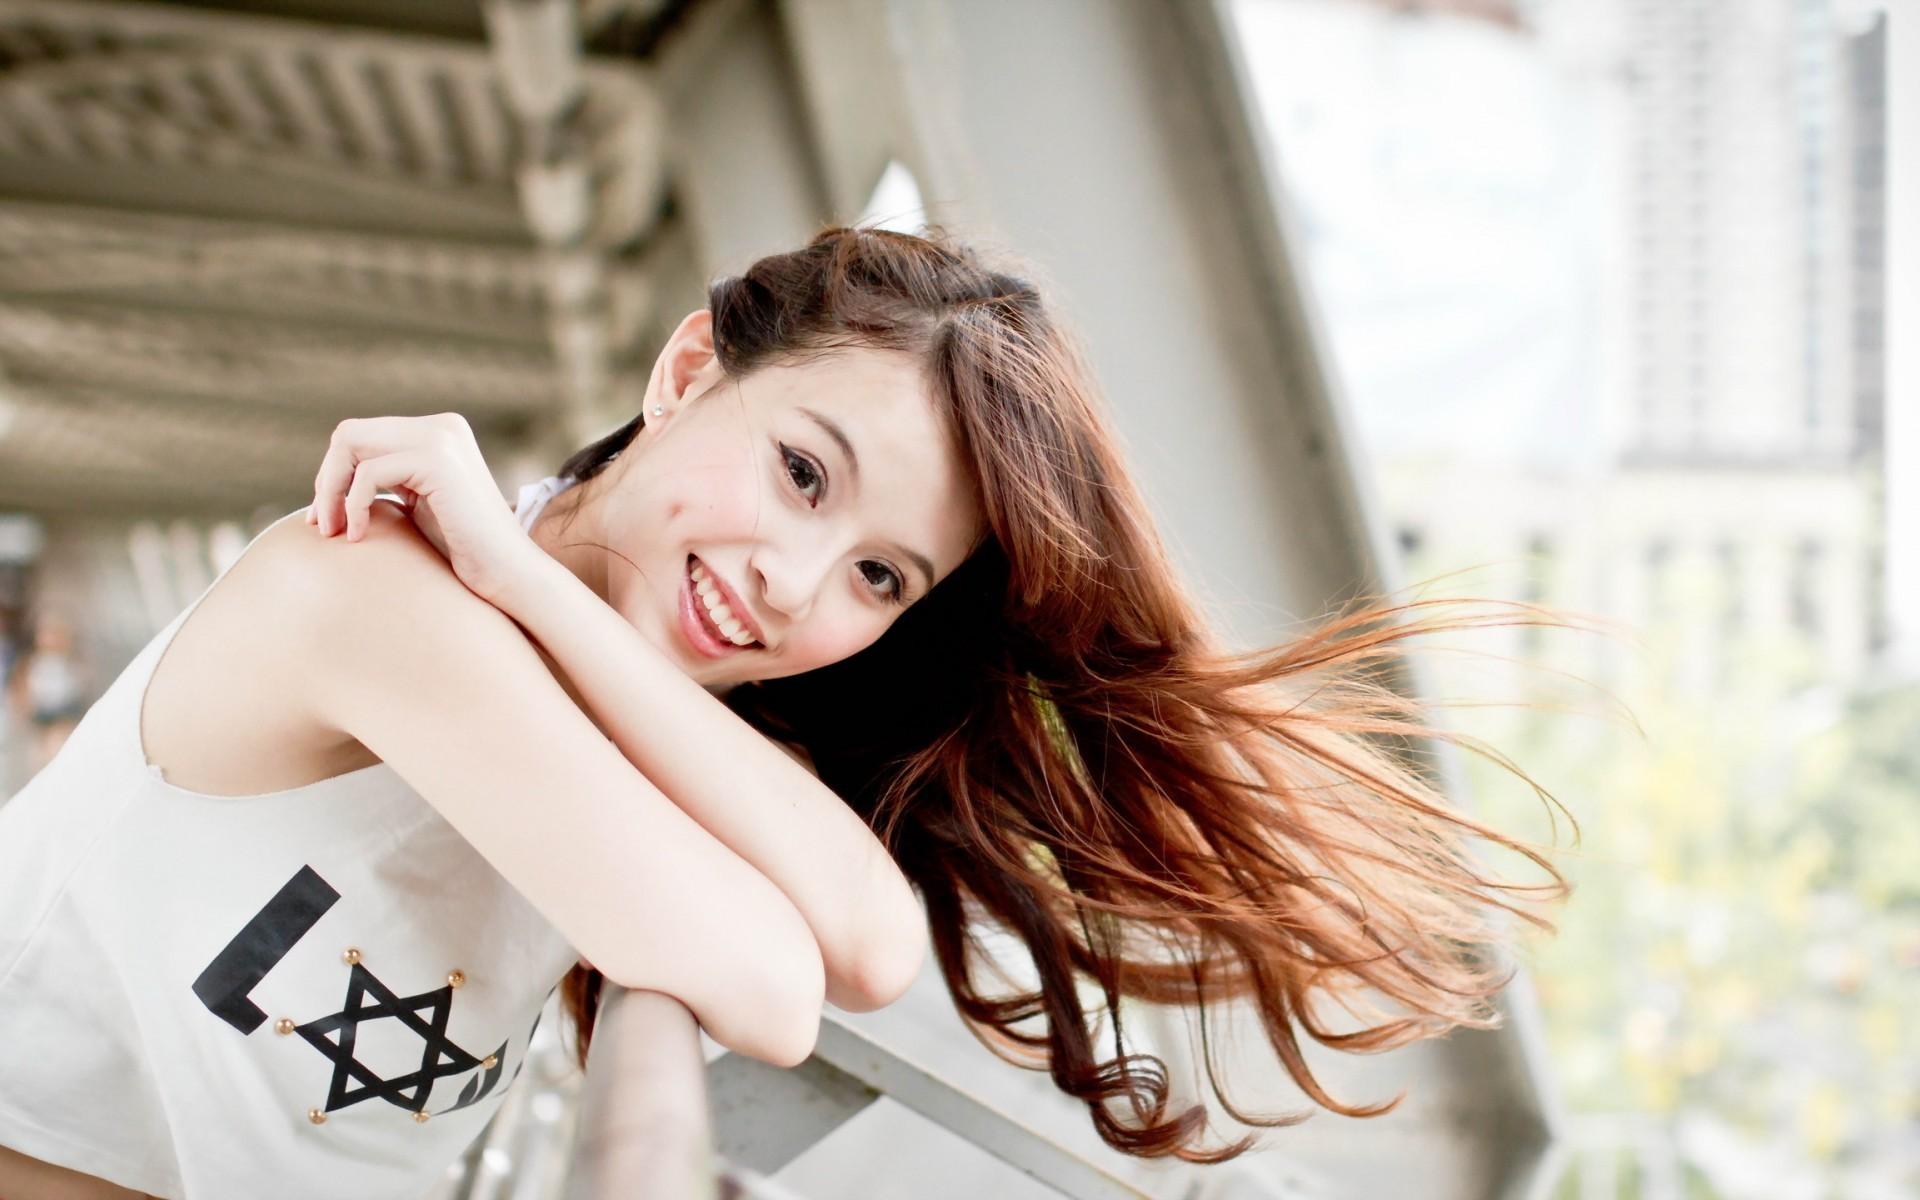 Phụ nữ hãy tô thêm son, dặm chút phấn và học thuộc lòng những nguyên tắc này để kiêu hãnh với đời - Ảnh 4